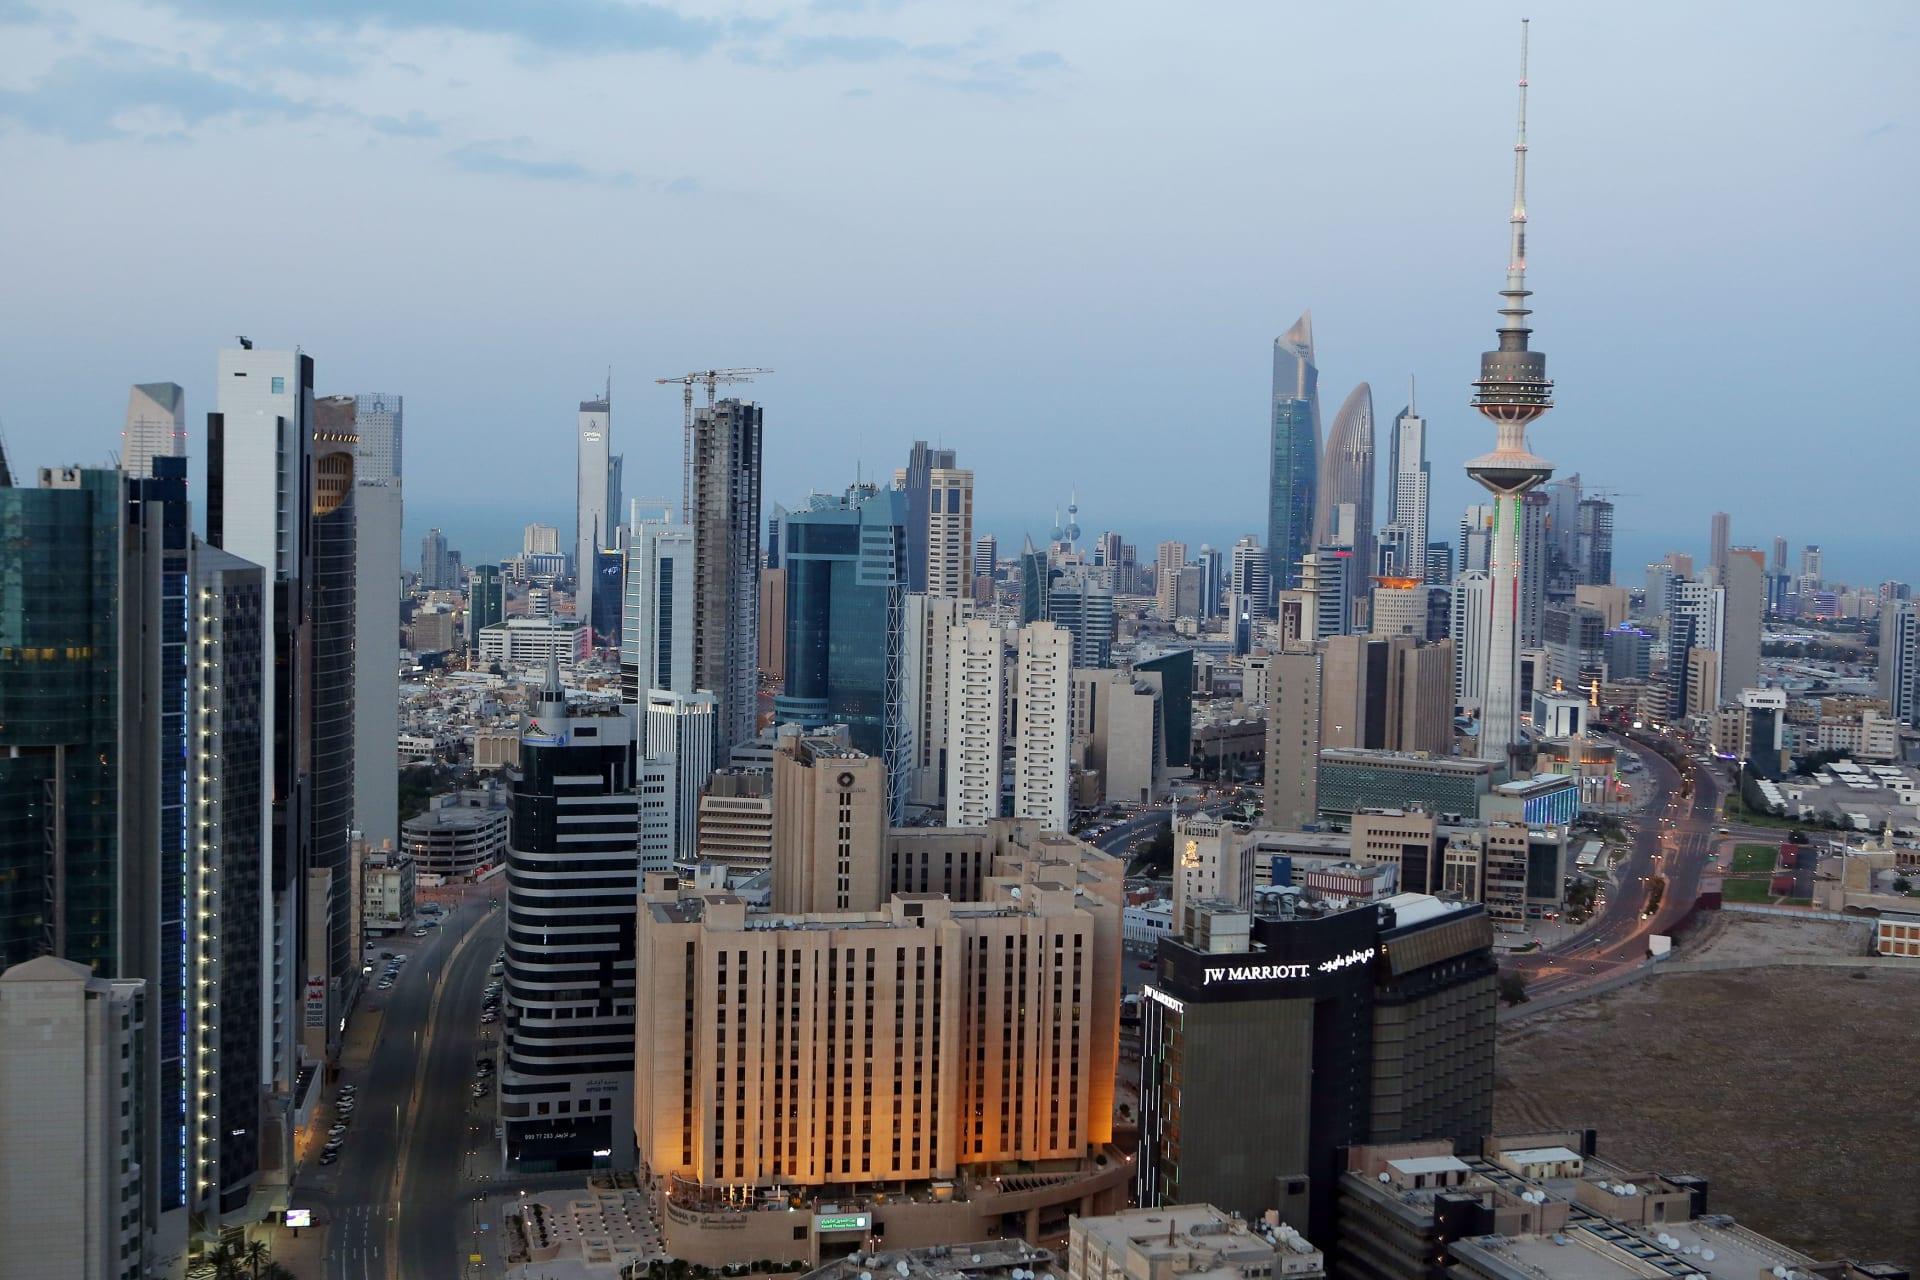 صورة تم التقاطها في 23 مارس 2020، تُظهر منظرًا عامًا للشوارع الخالية في الكويت، بعد يوم من إعلان السلطات حظر تجول في جميع أنحاء البلاد وسط جائحة فيروس كورونا COVID-19